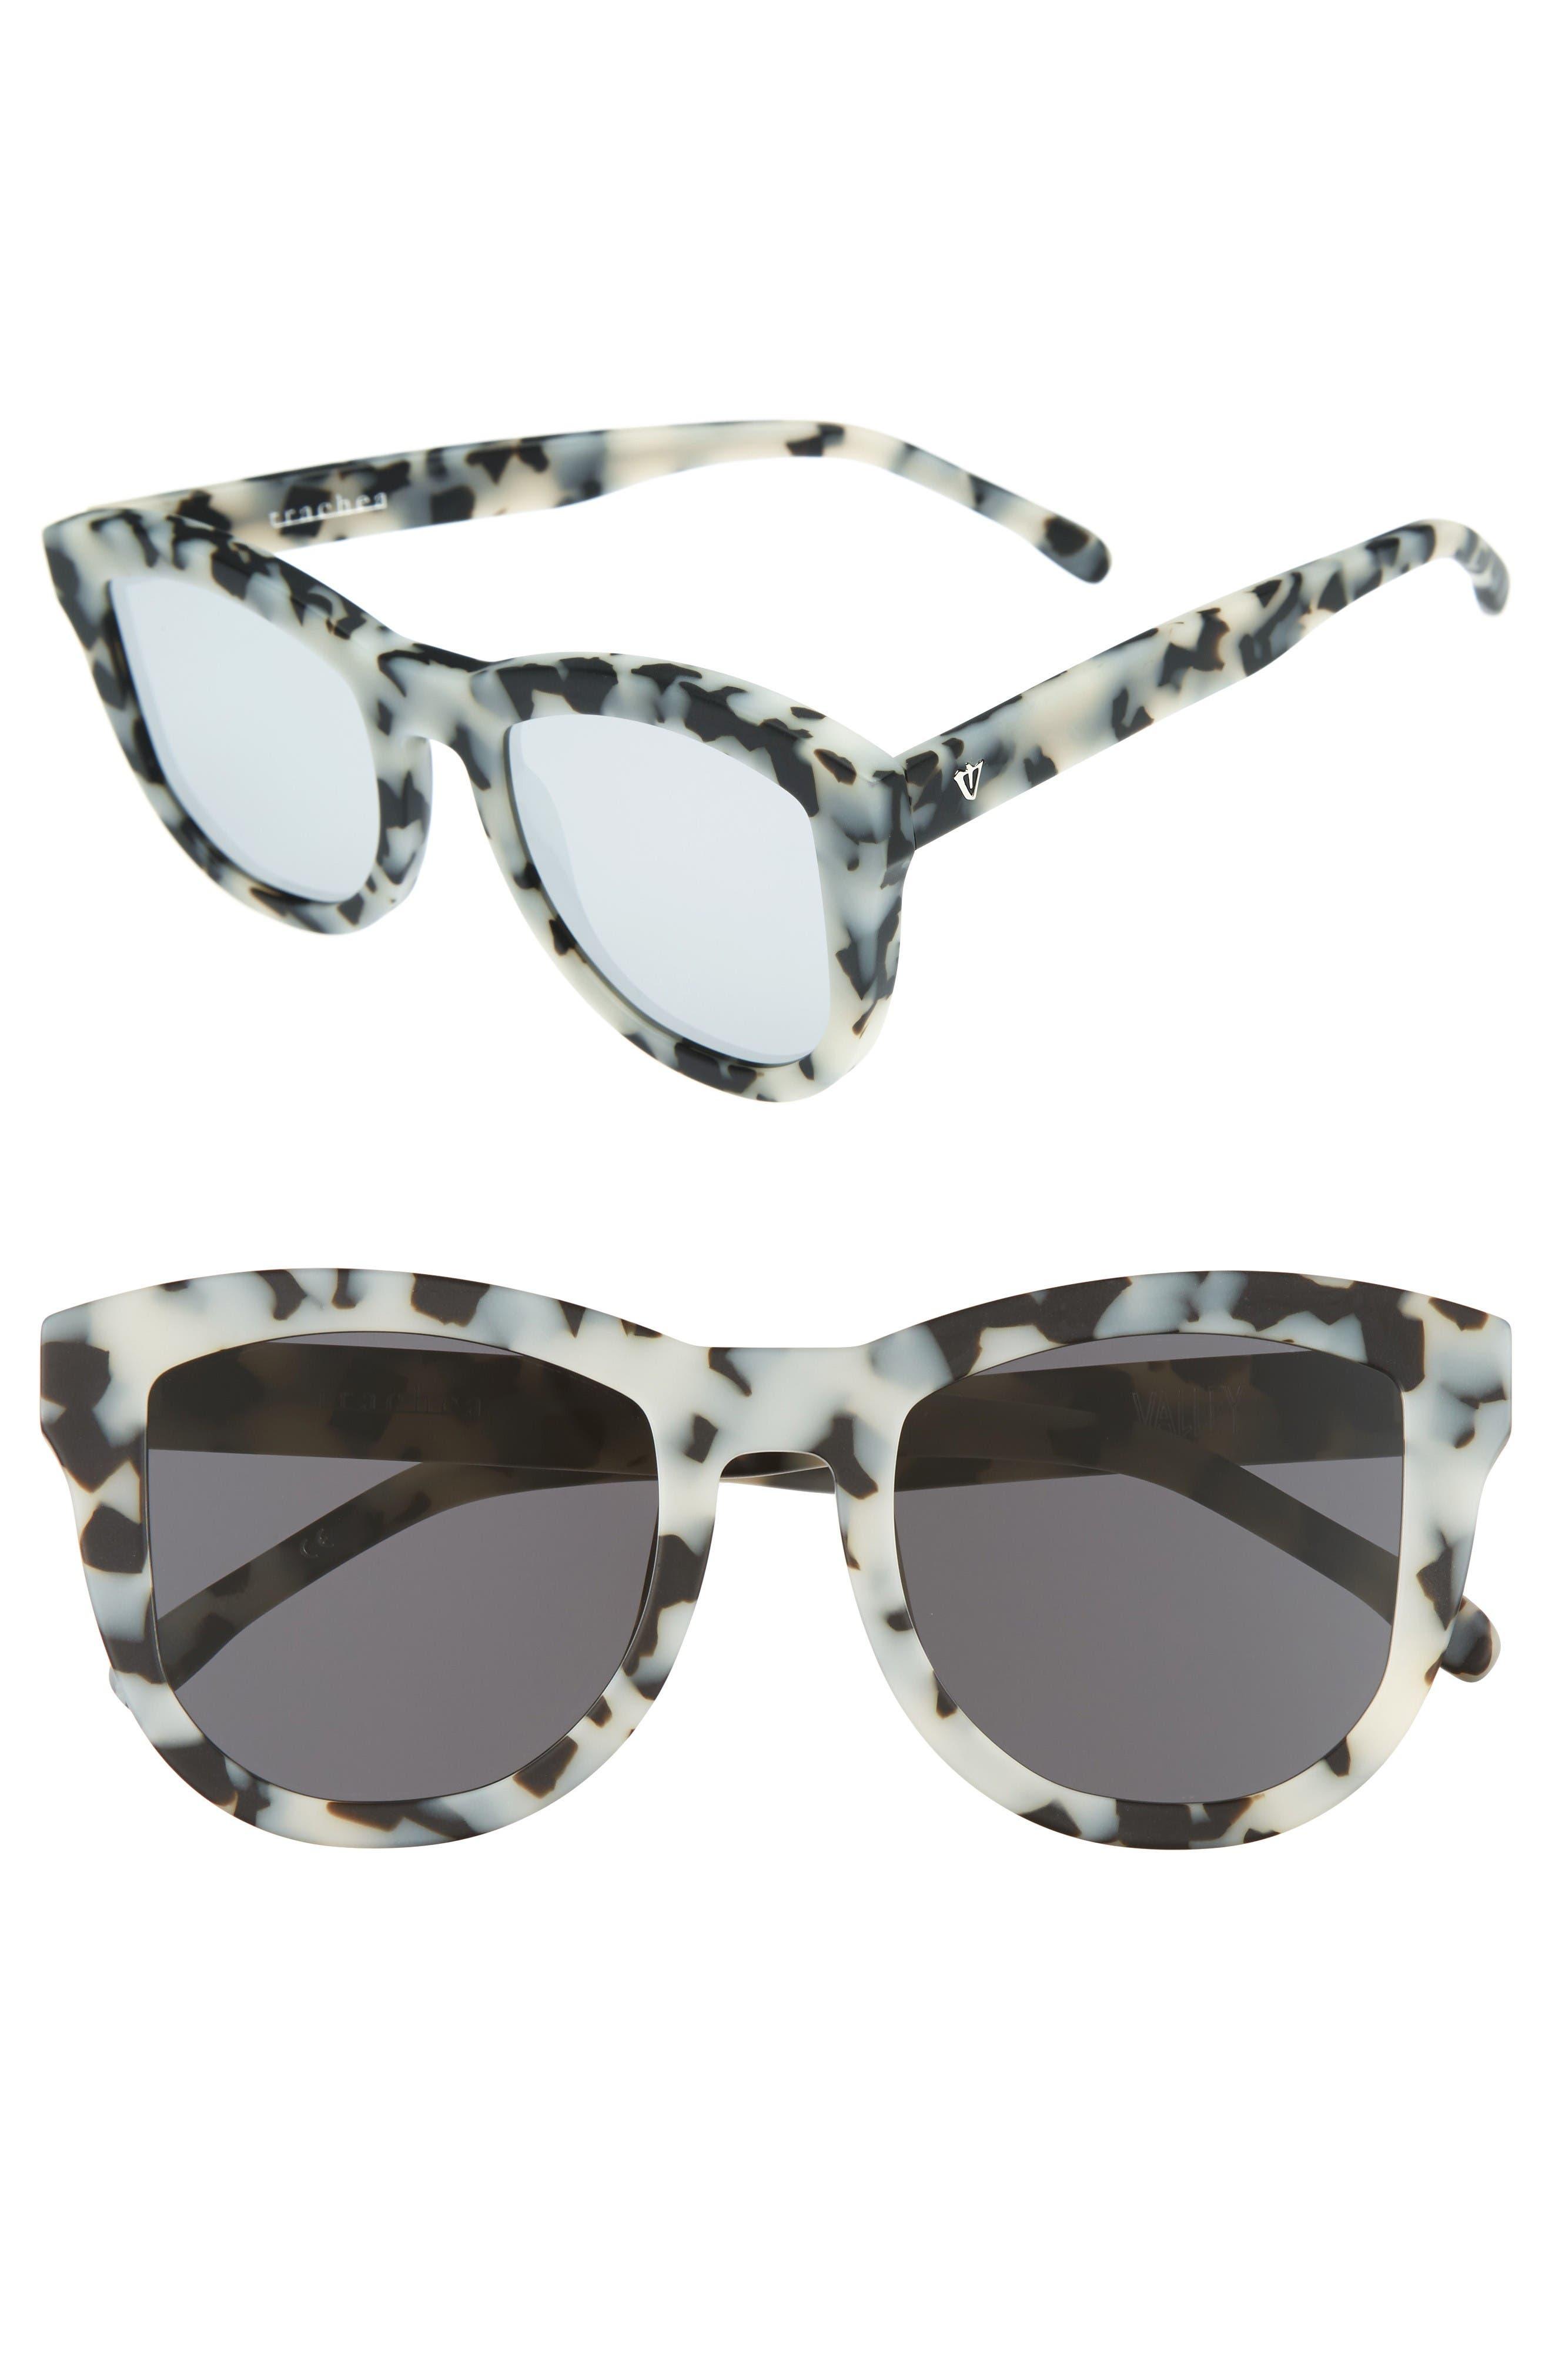 50mm Trachea Retro Sunglasses,                         Main,                         color, Matte Snow Leopard/ Silver